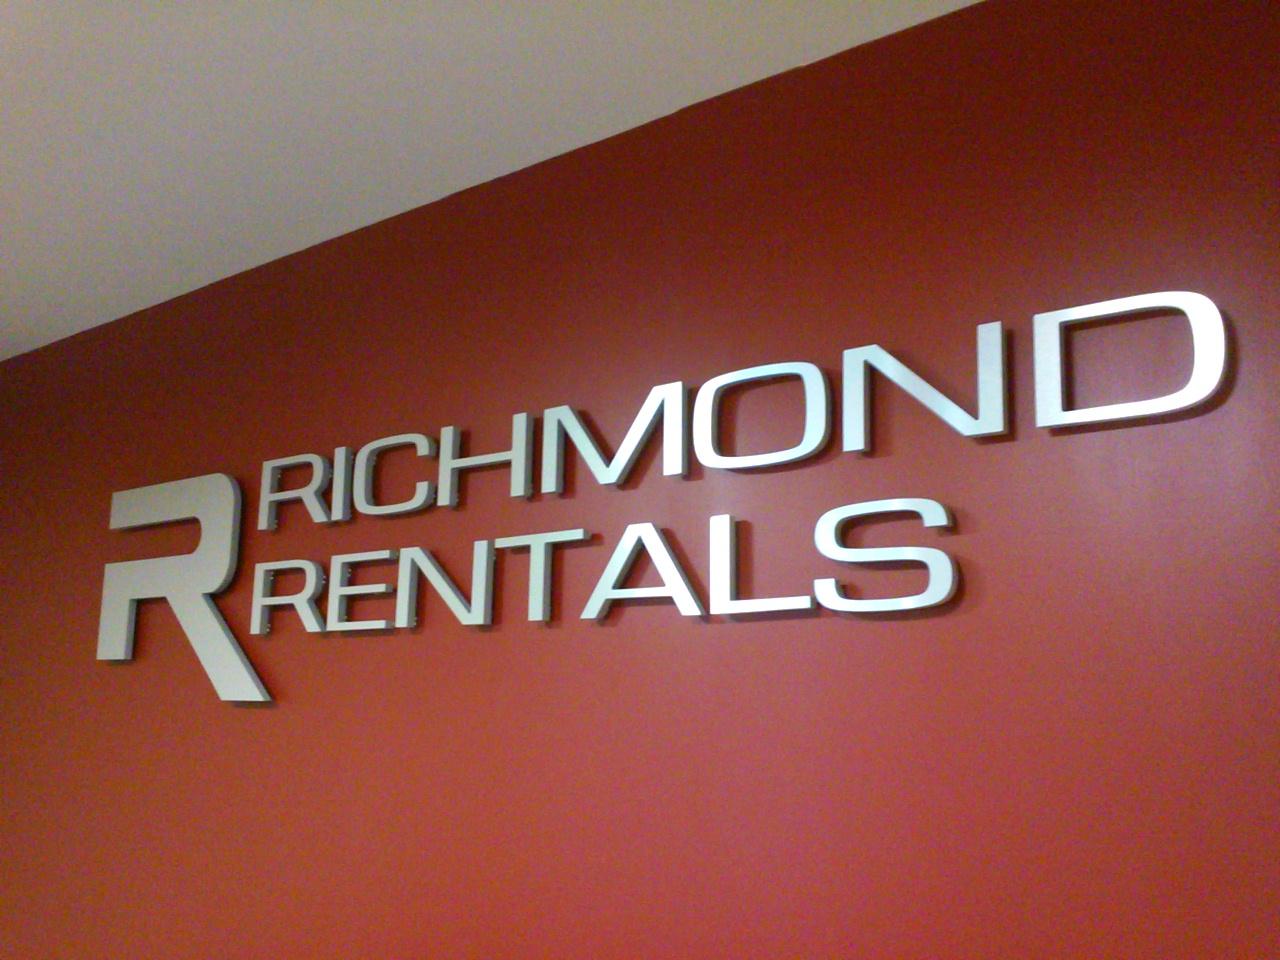 richmond rentals